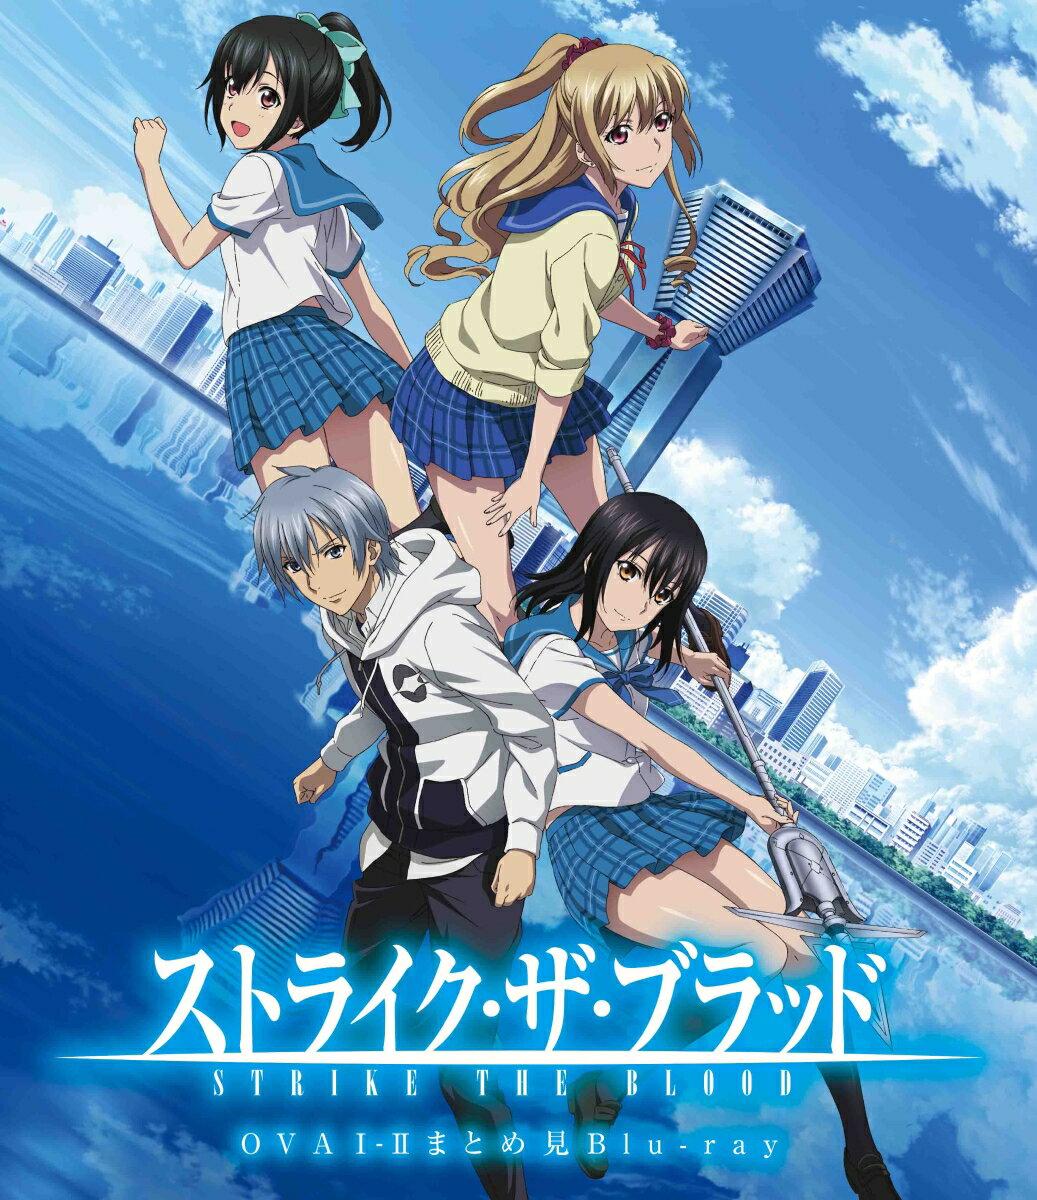 ストライク・ザ・ブラッド OVA1-2まとめ見 Blu-ray【Blu-ray】画像